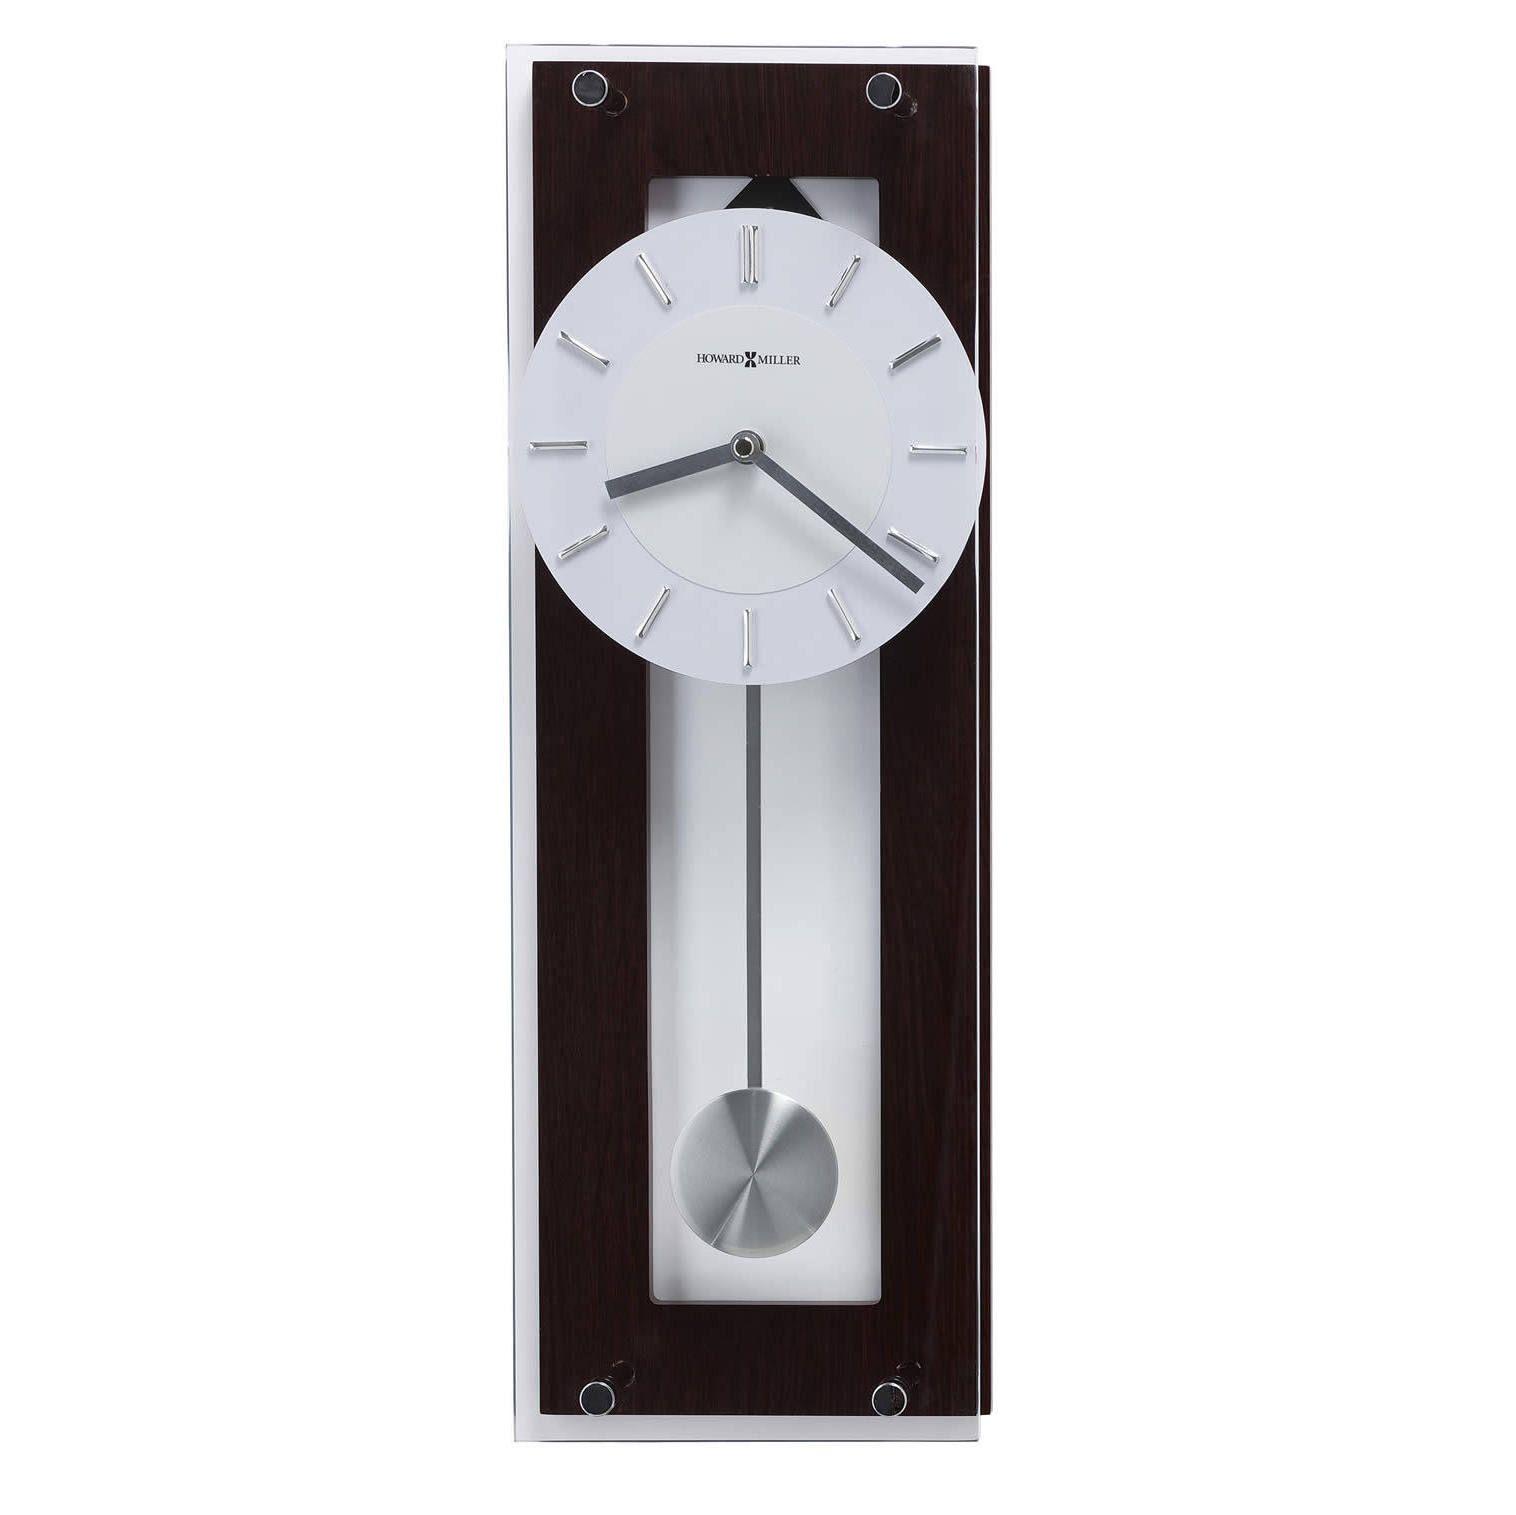 Modern Wall Clocks 625514 Howard Miller Contemporary Quartz Wall Clock Howard Miller Wall Clock Contemporary Wall Clock Wall Clock